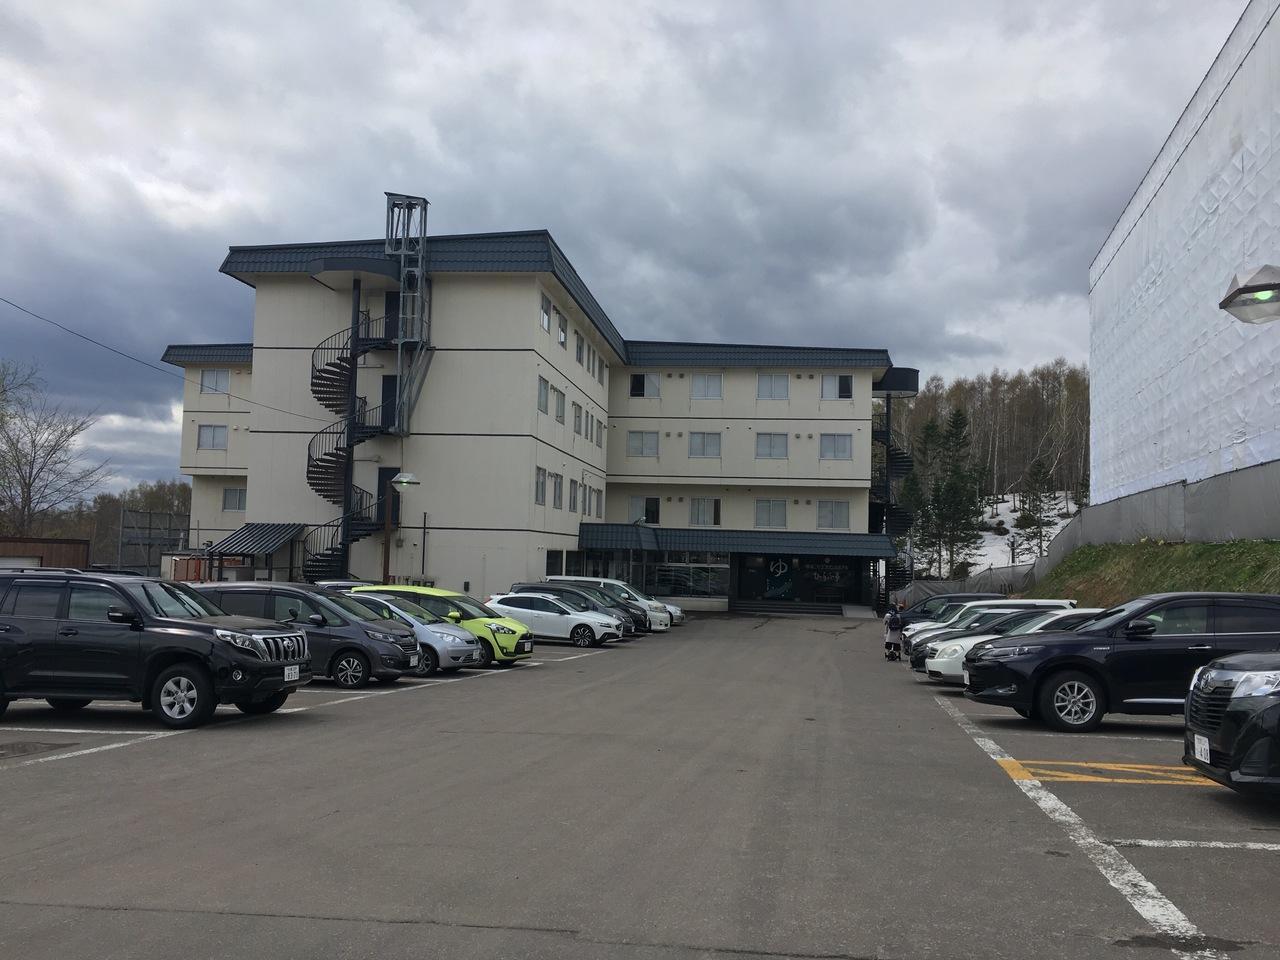 プリンス ホテル ひらふ 亭 ニセコ